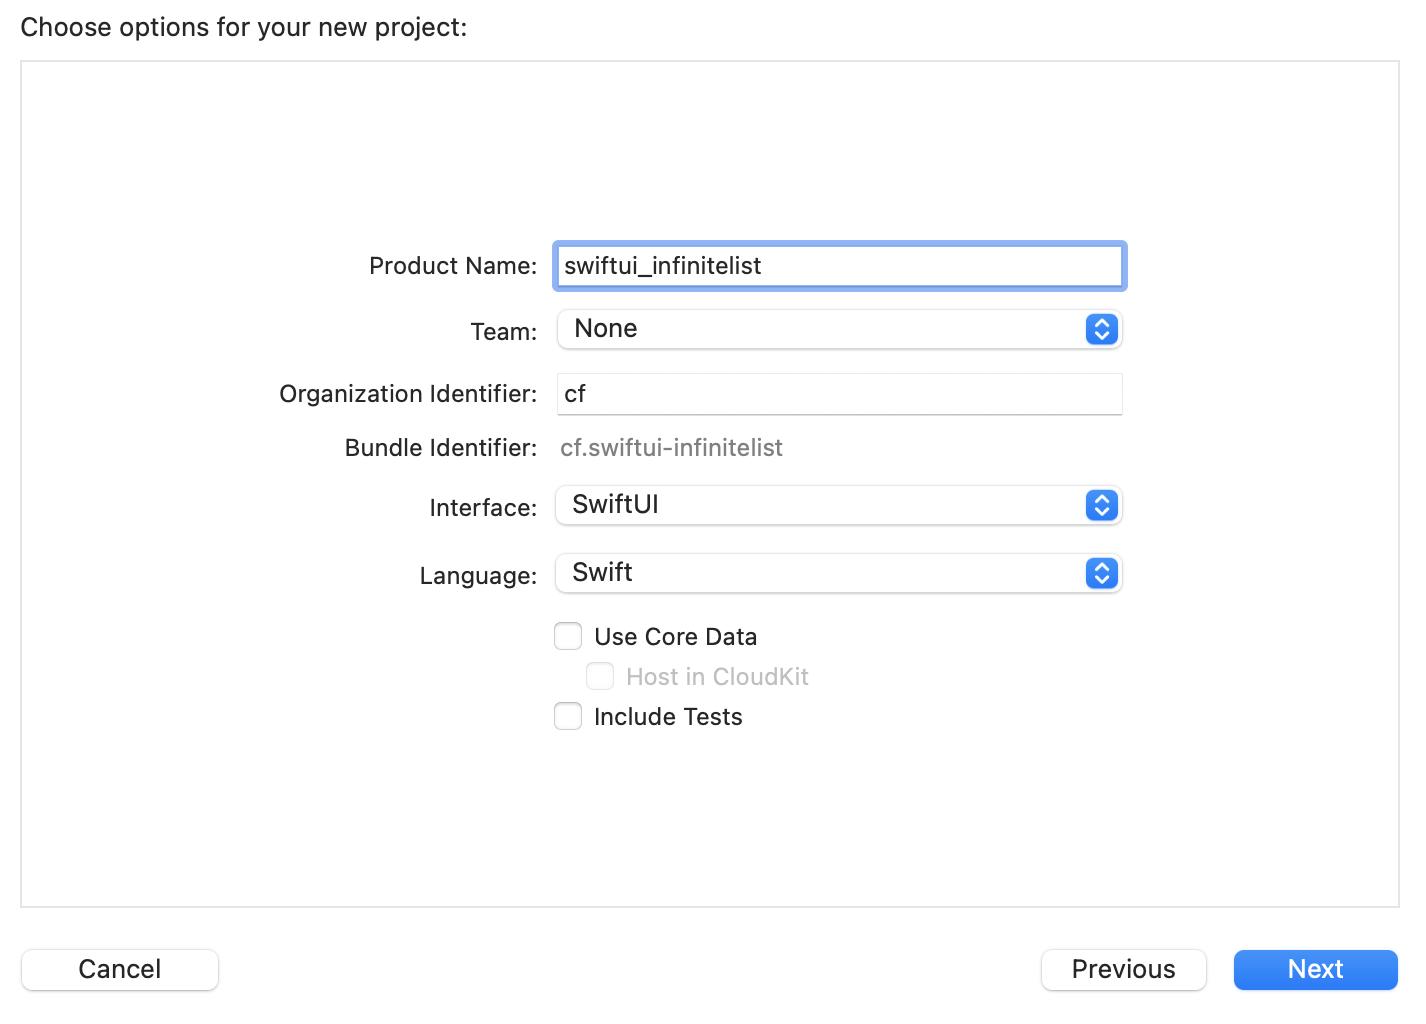 创建新的 SwiftUI 项目